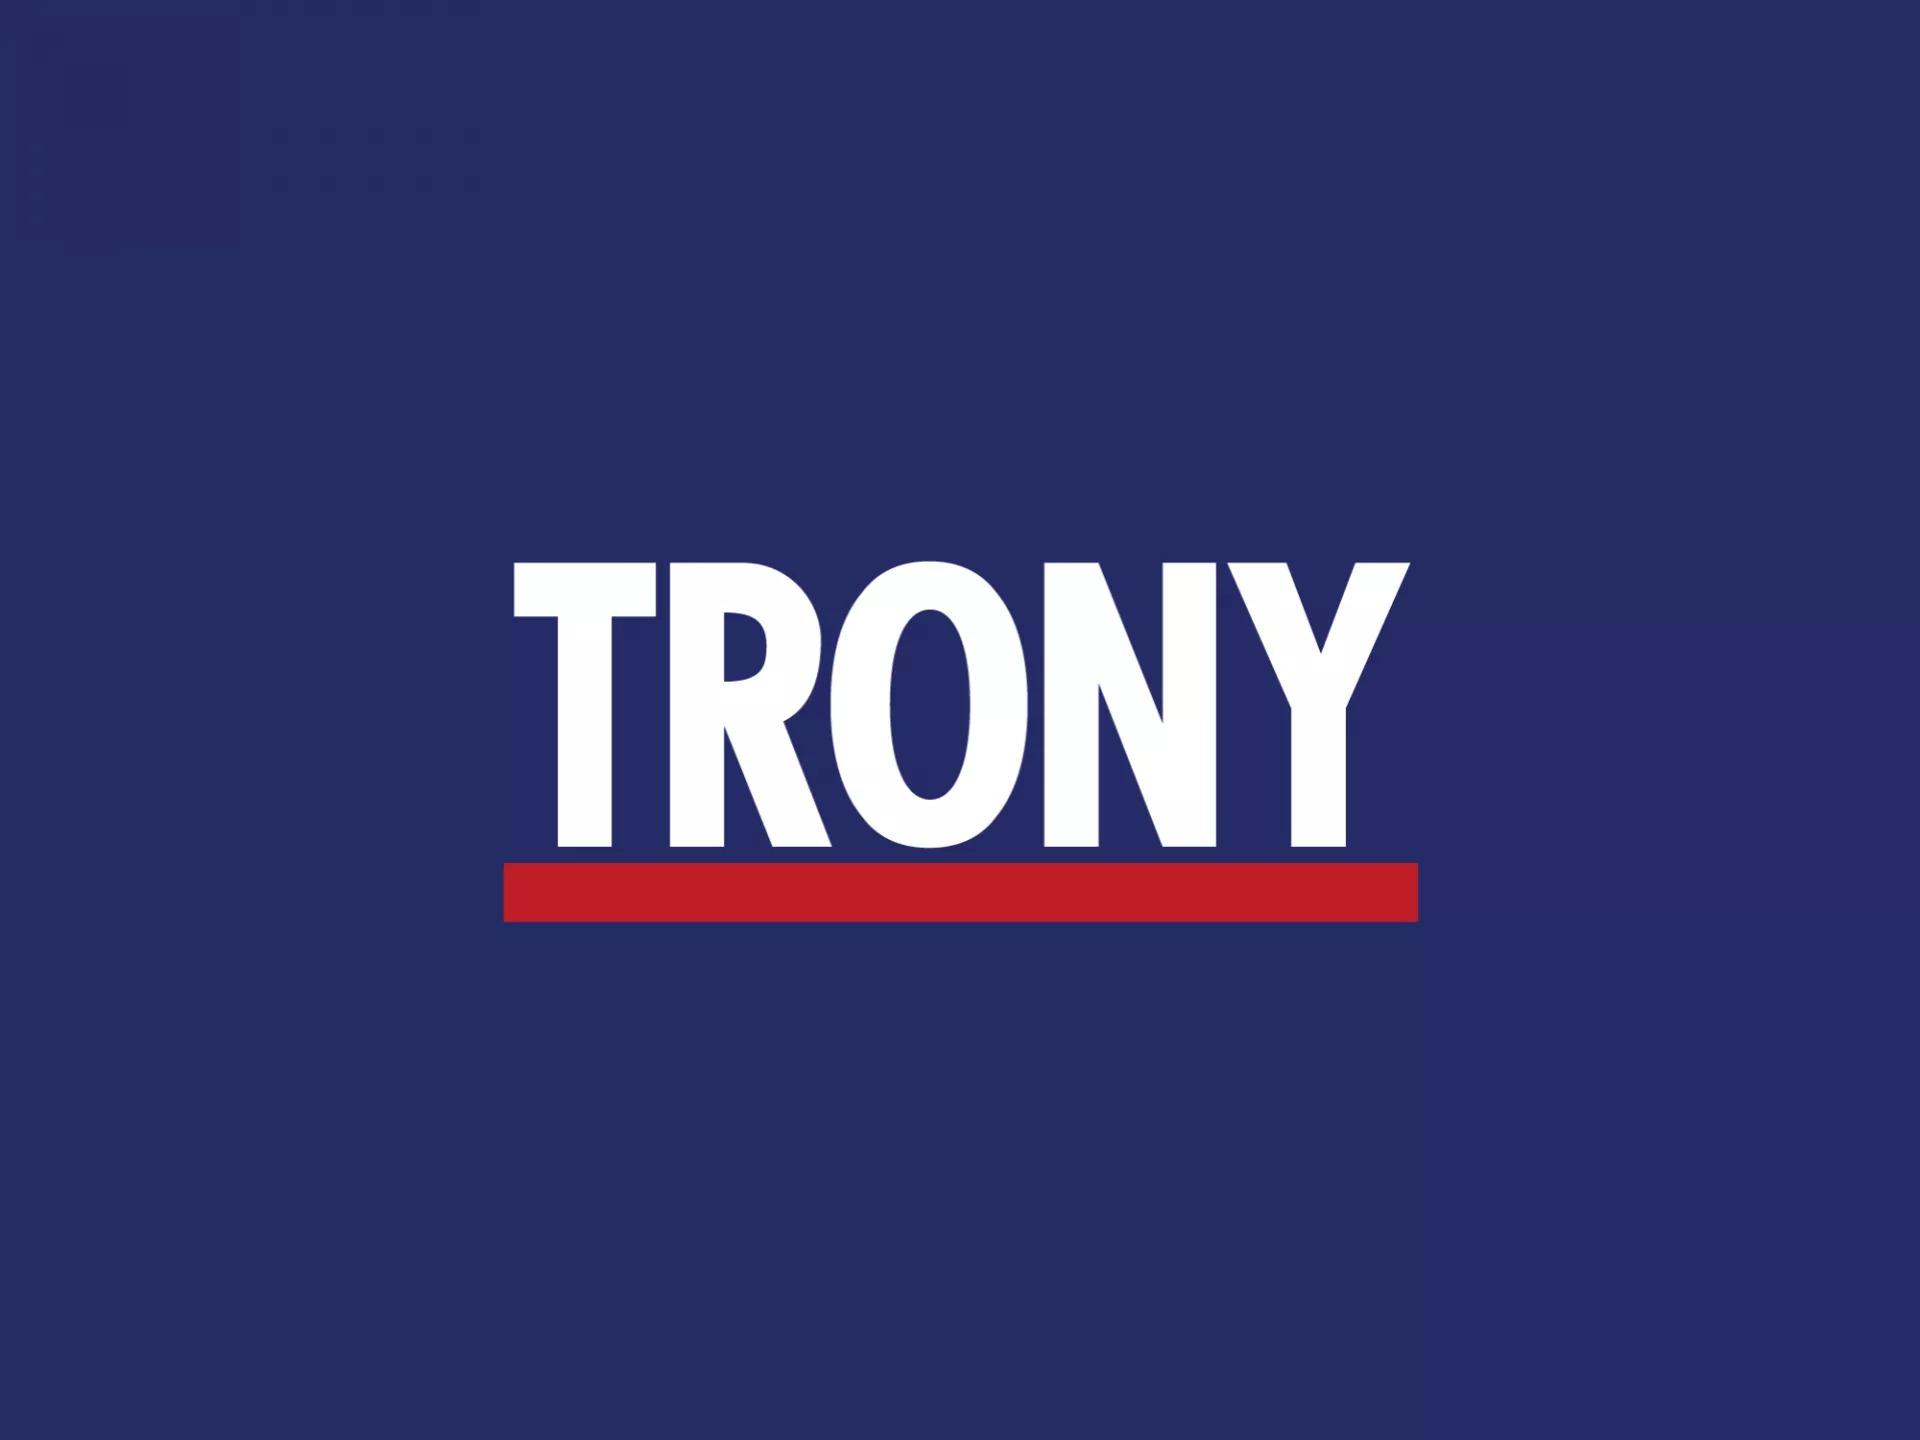 """Da Trony è arrivata l'ora degli """"Sconti da capogiro"""", validi online fino al 21 maggio"""